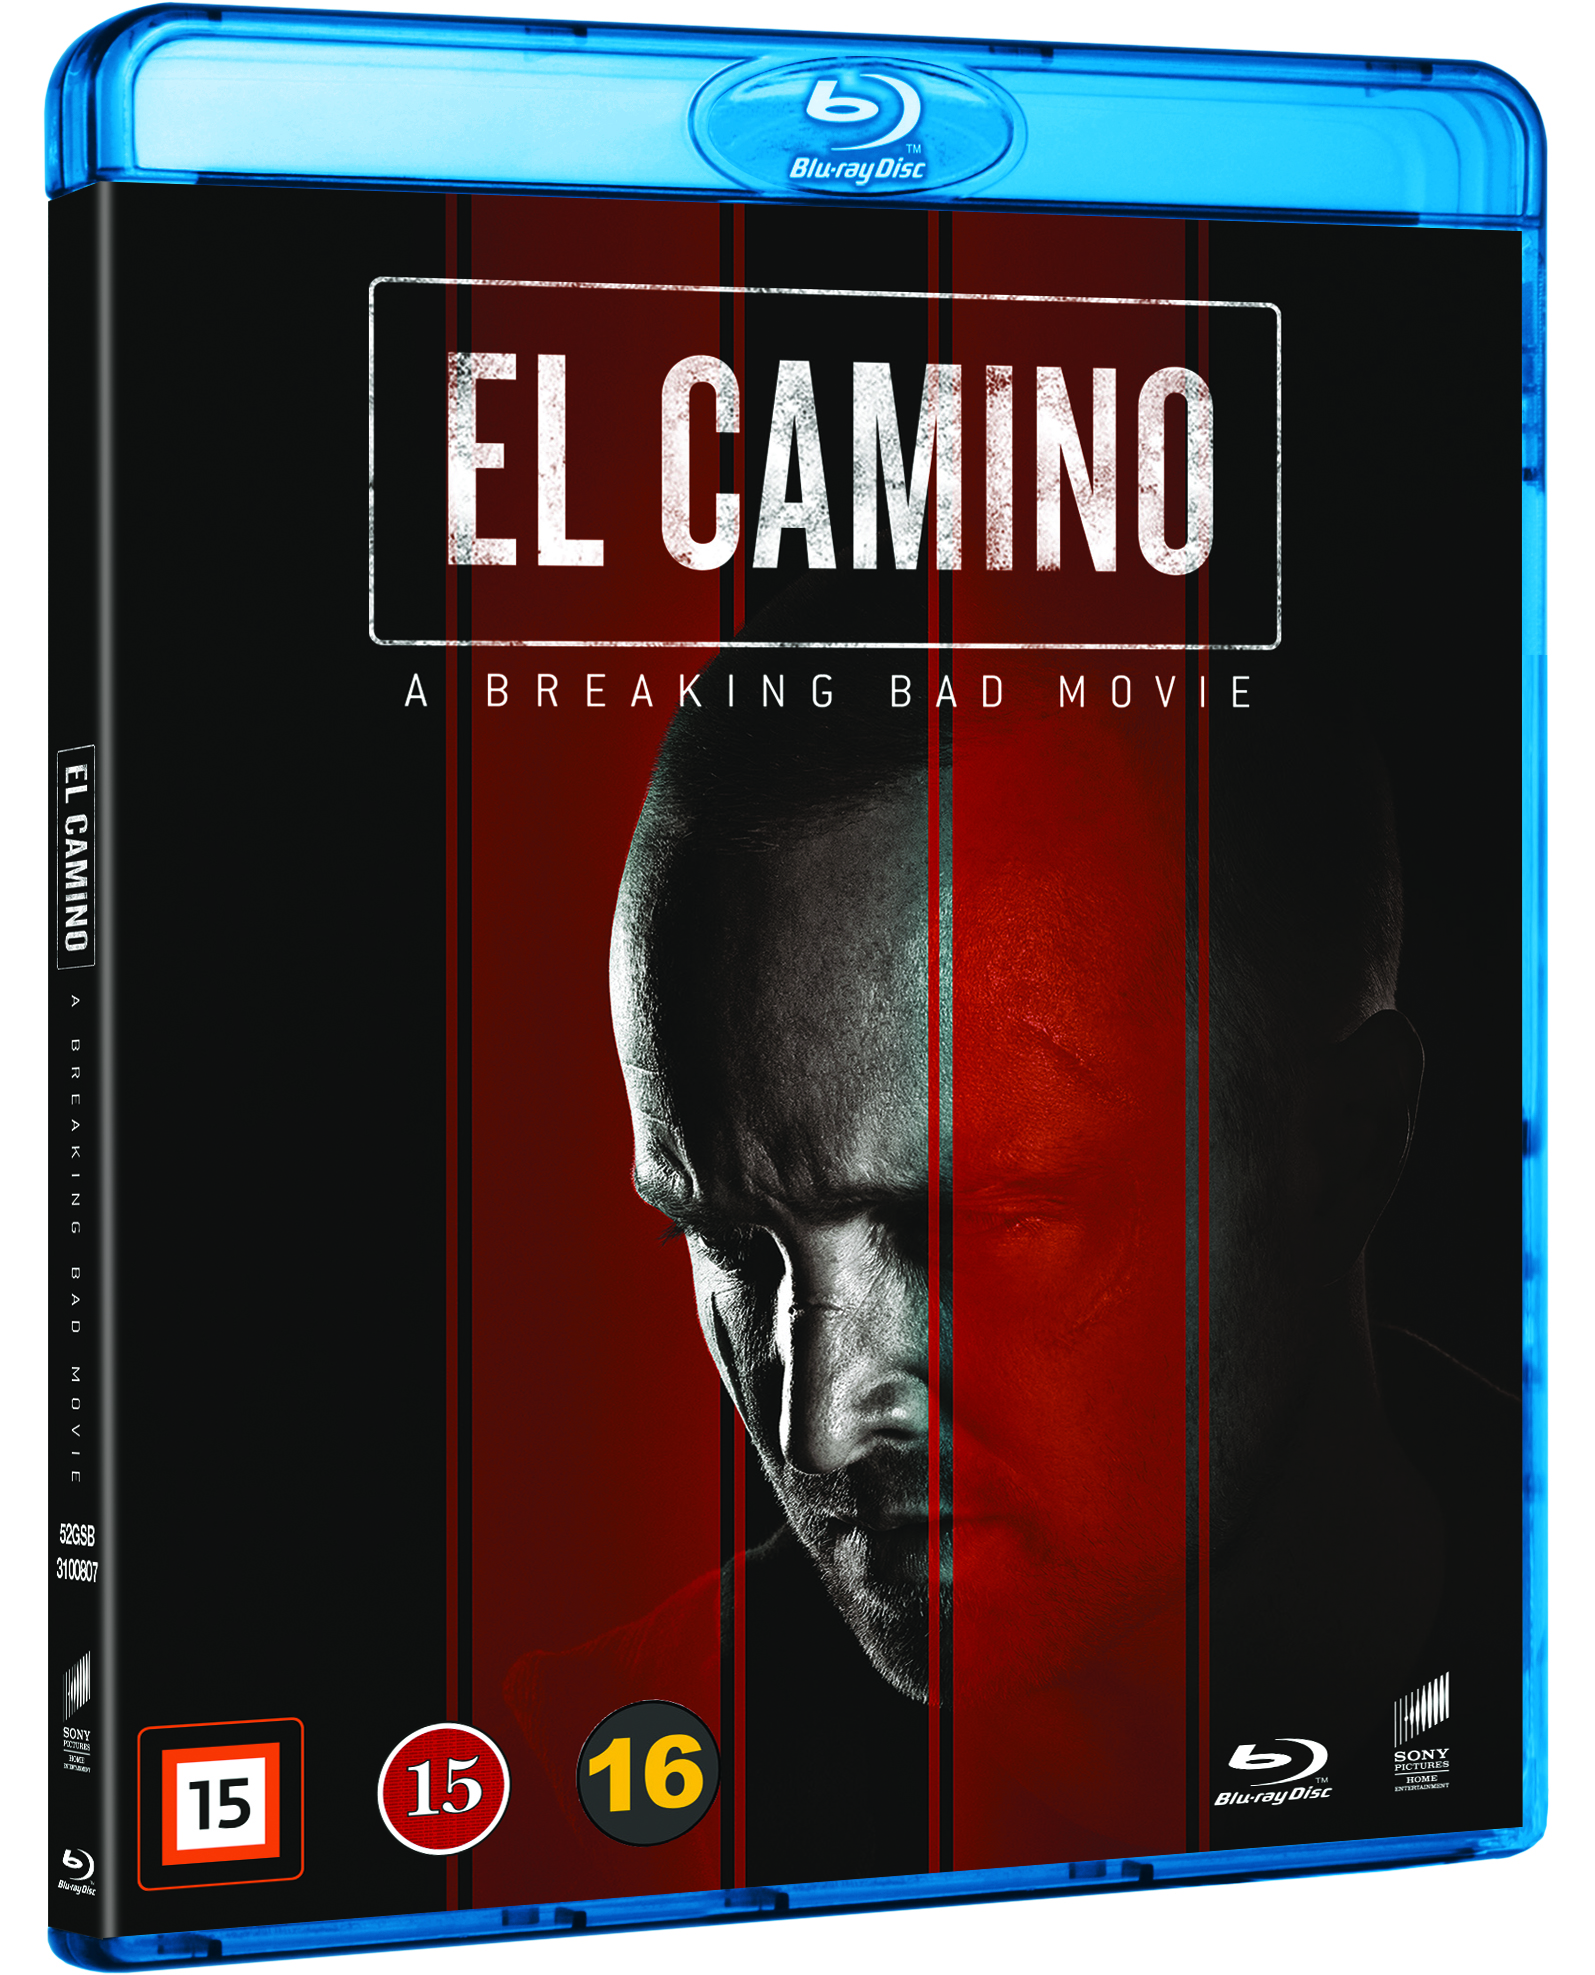 El Camino: A Breaking Bad Movie - Blu ray